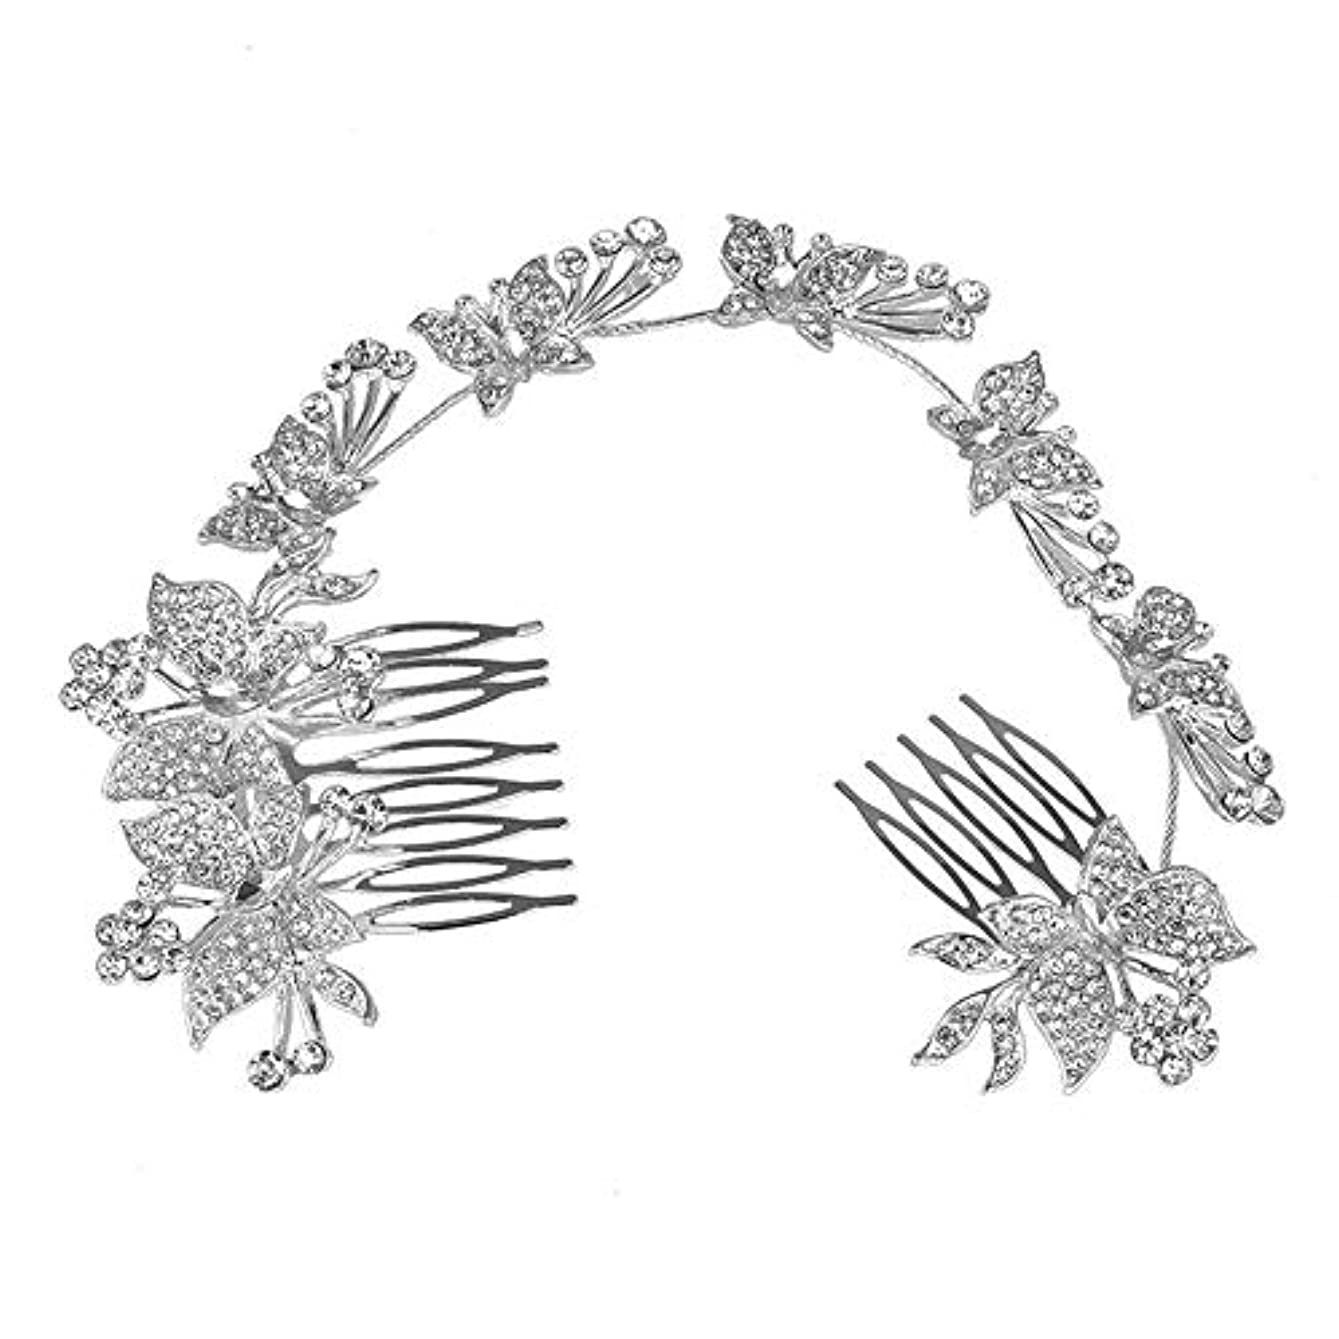 死の顎地元へこみ髪の櫛、櫛、蝶、髪の櫛、ブライダル髪の櫛、結婚式の髪の櫛、ラインストーンの櫛、ヘッドギア